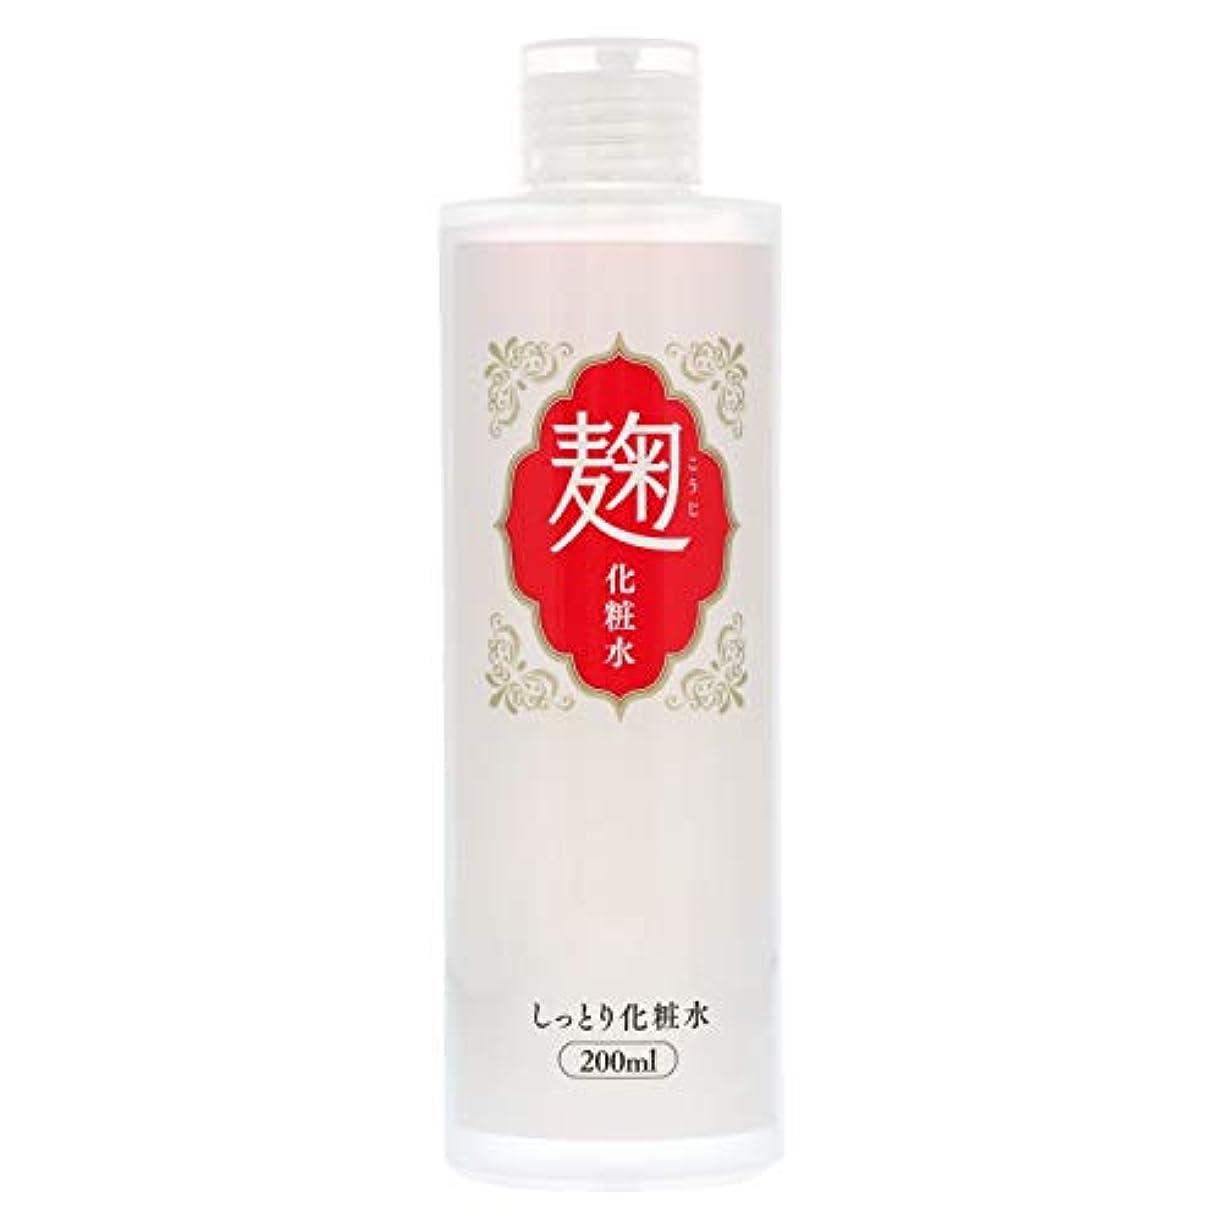 集中的な苦痛アンデス山脈ユゼ 麹配合美肌しっとり化粧水 200mL